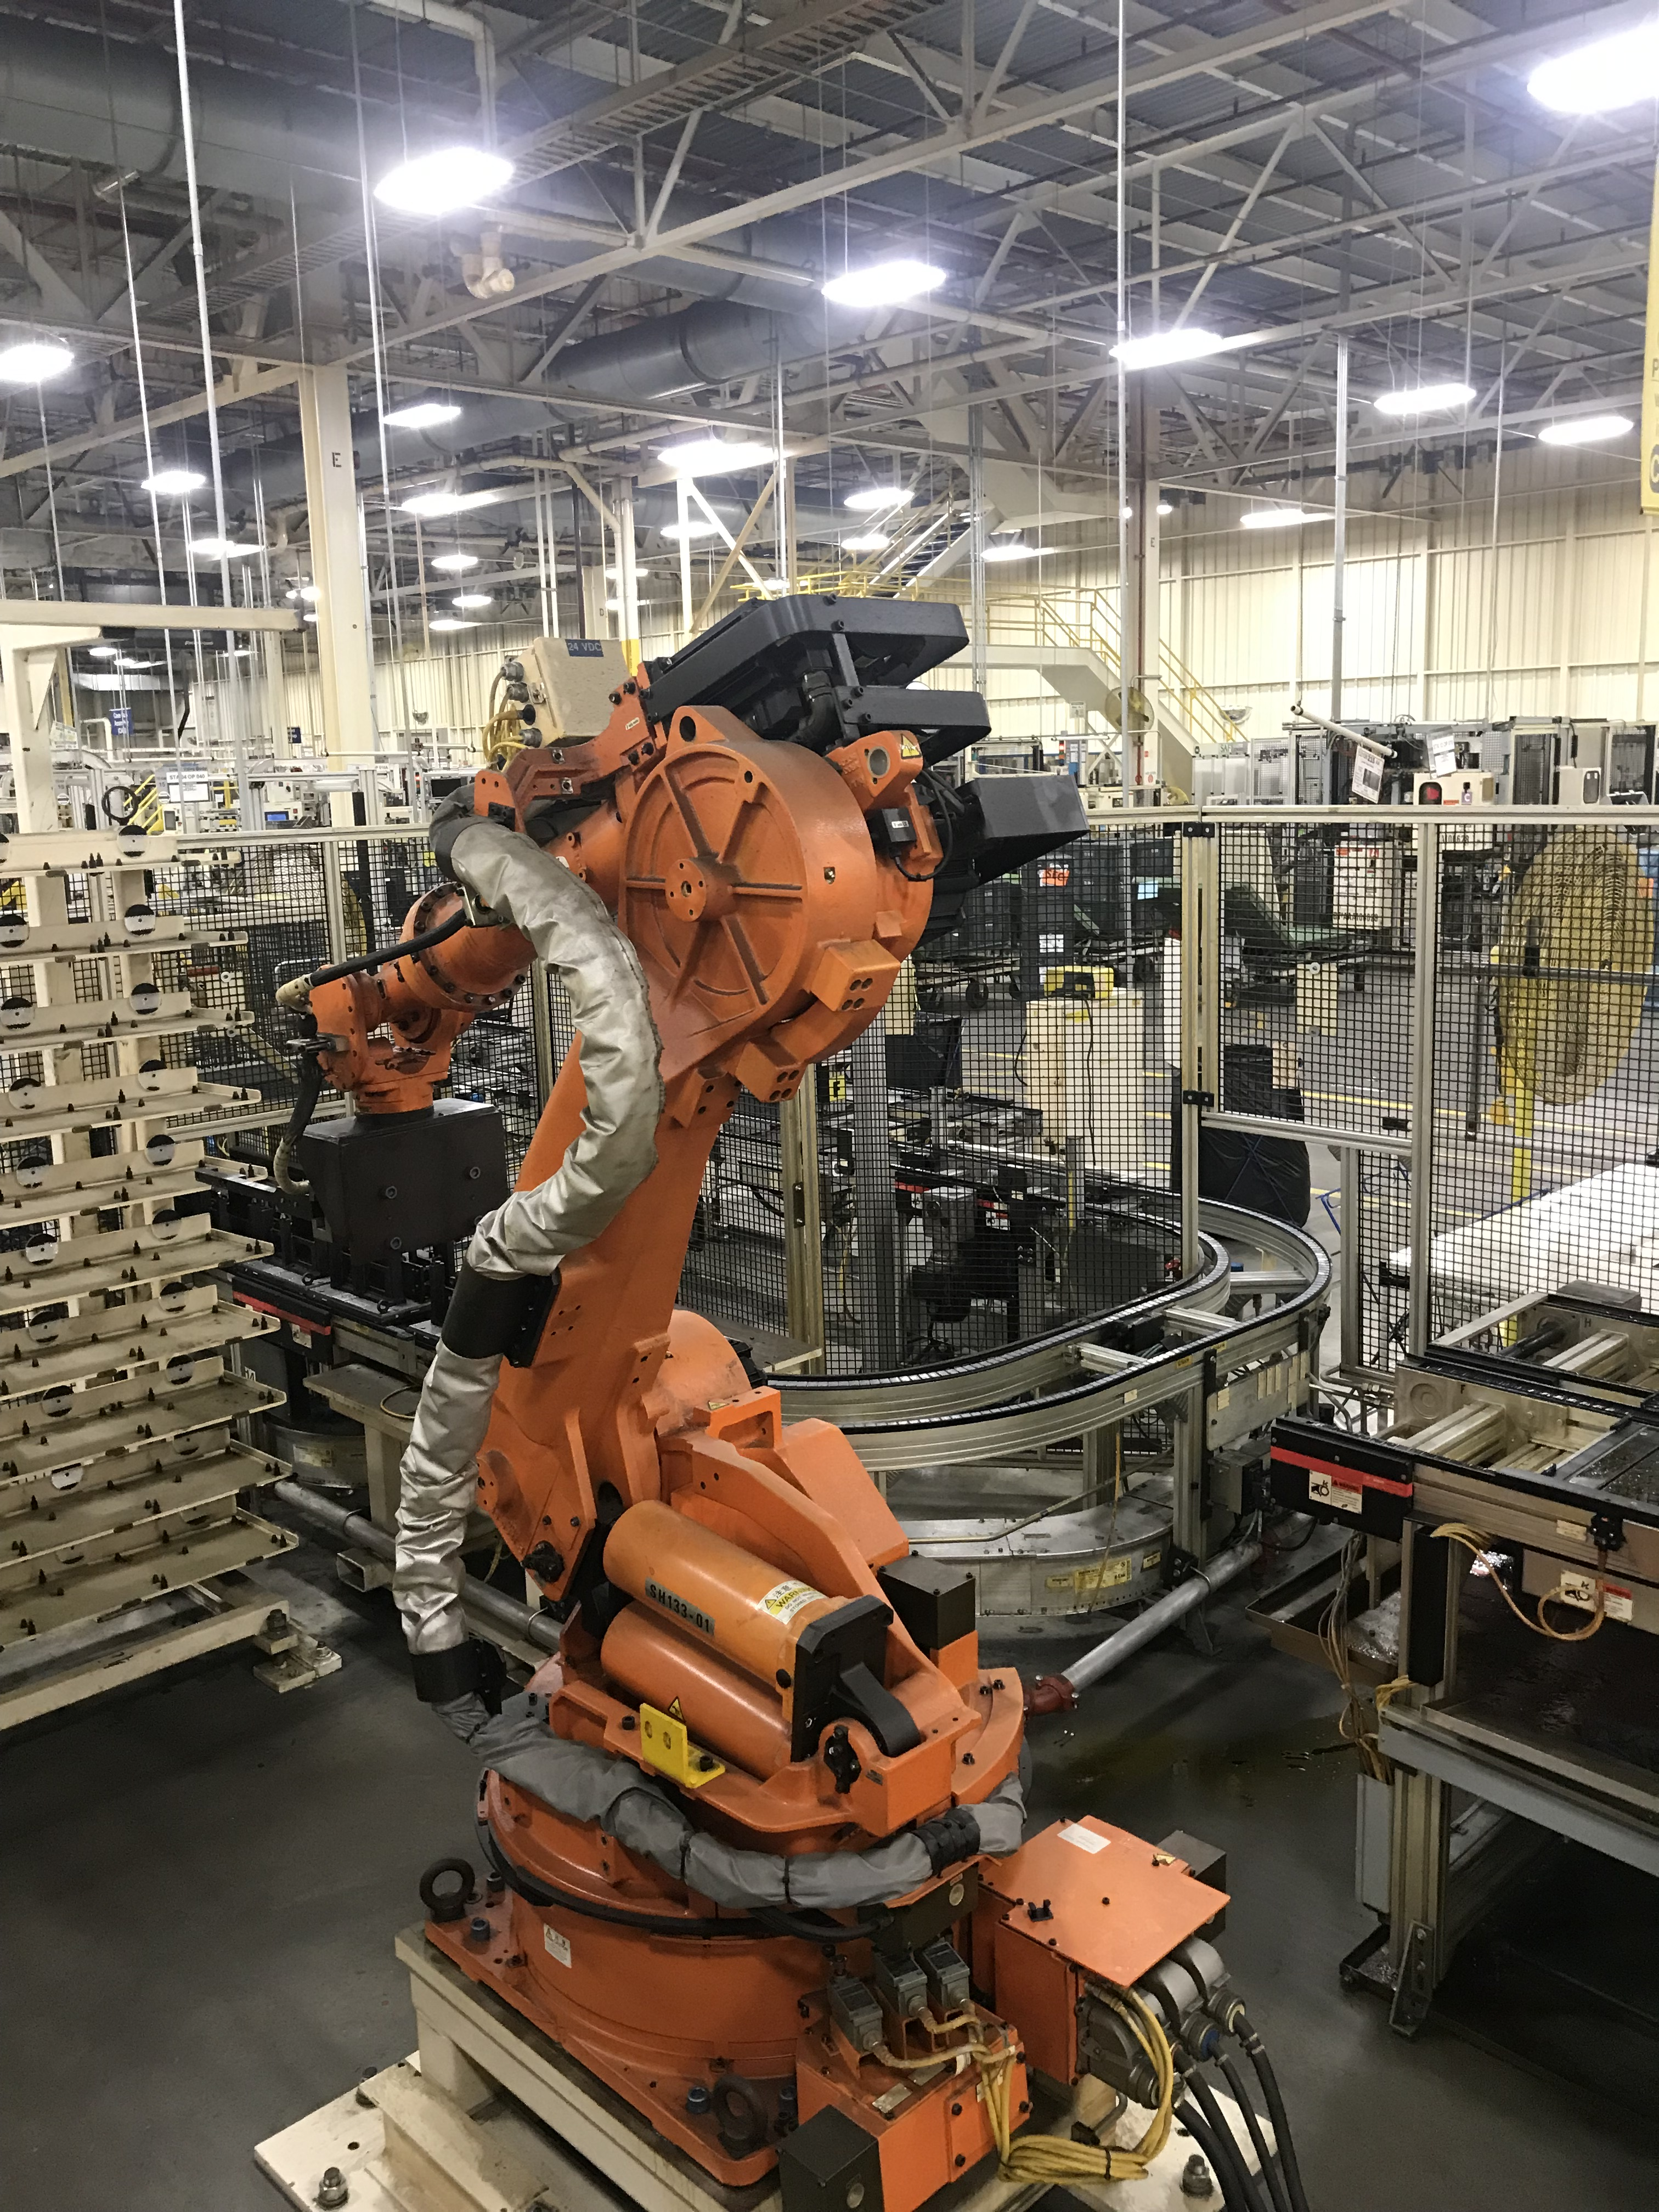 Lot 154 - 2002 Nachi SH-133-01 Robot